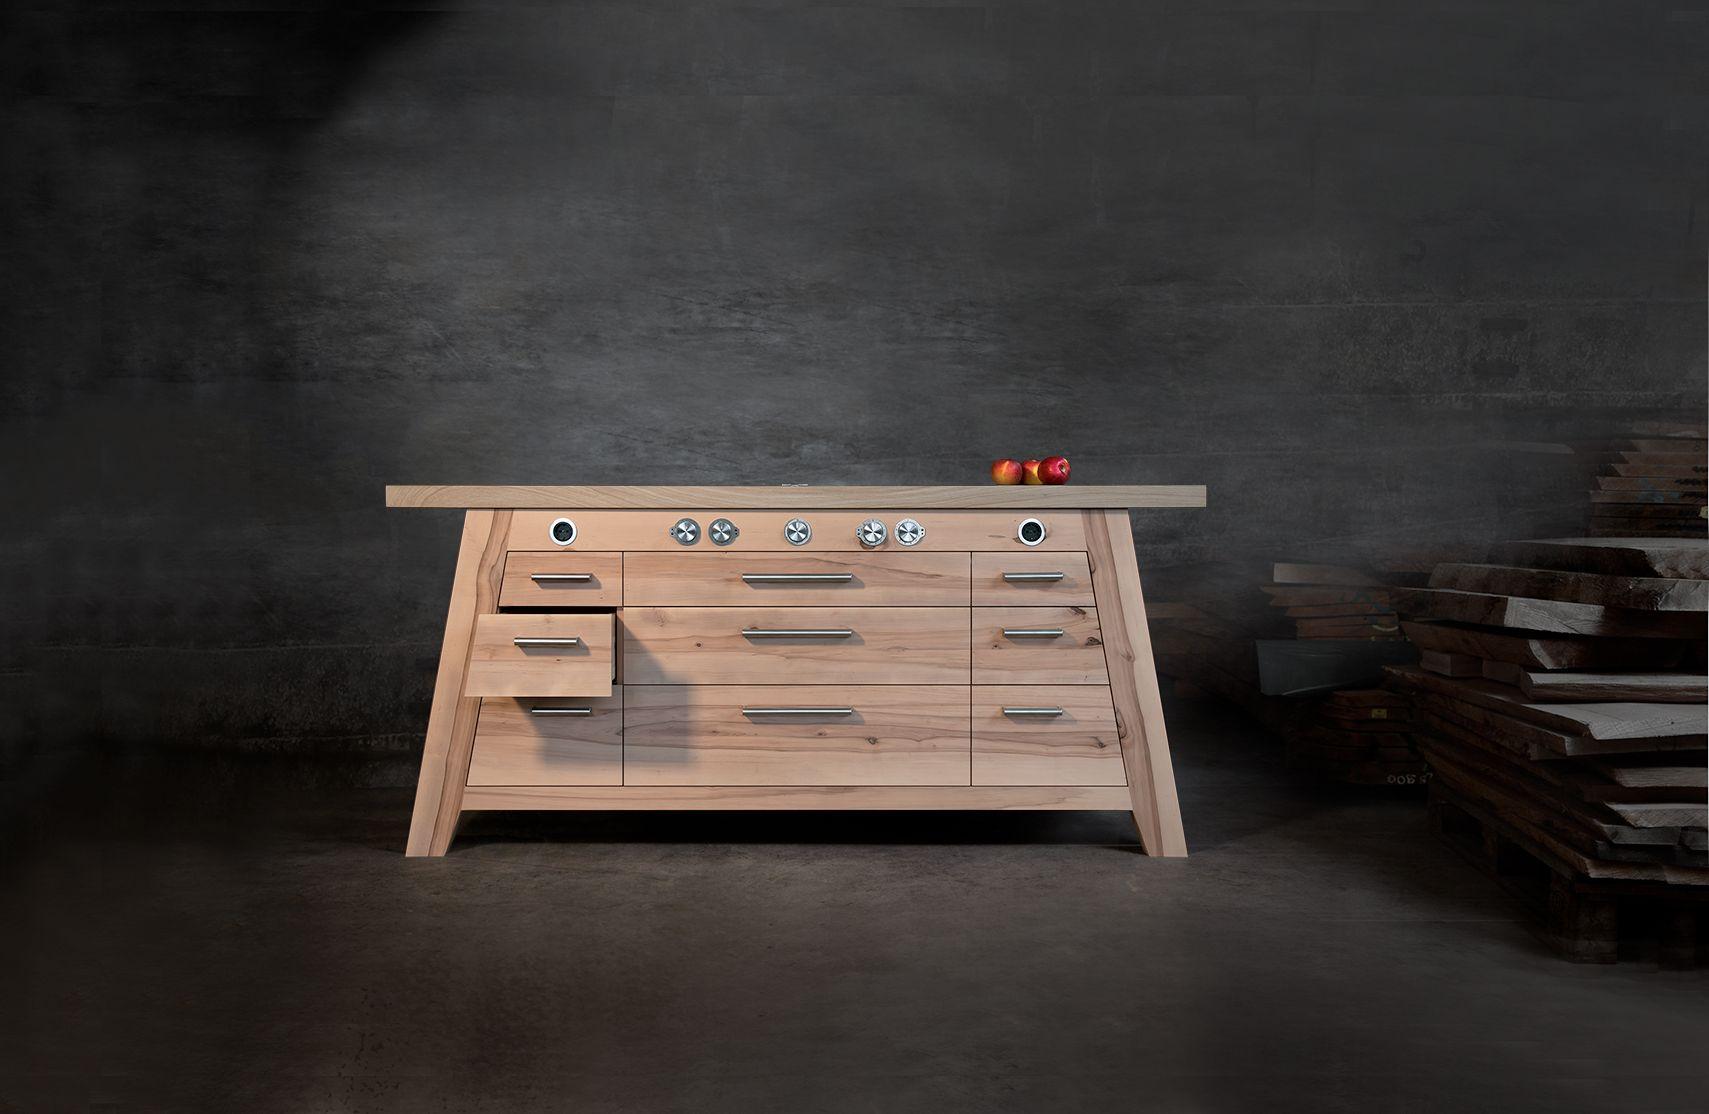 Tischlerei Sommer tischlerei sommer manufacture for solid wood kitchen